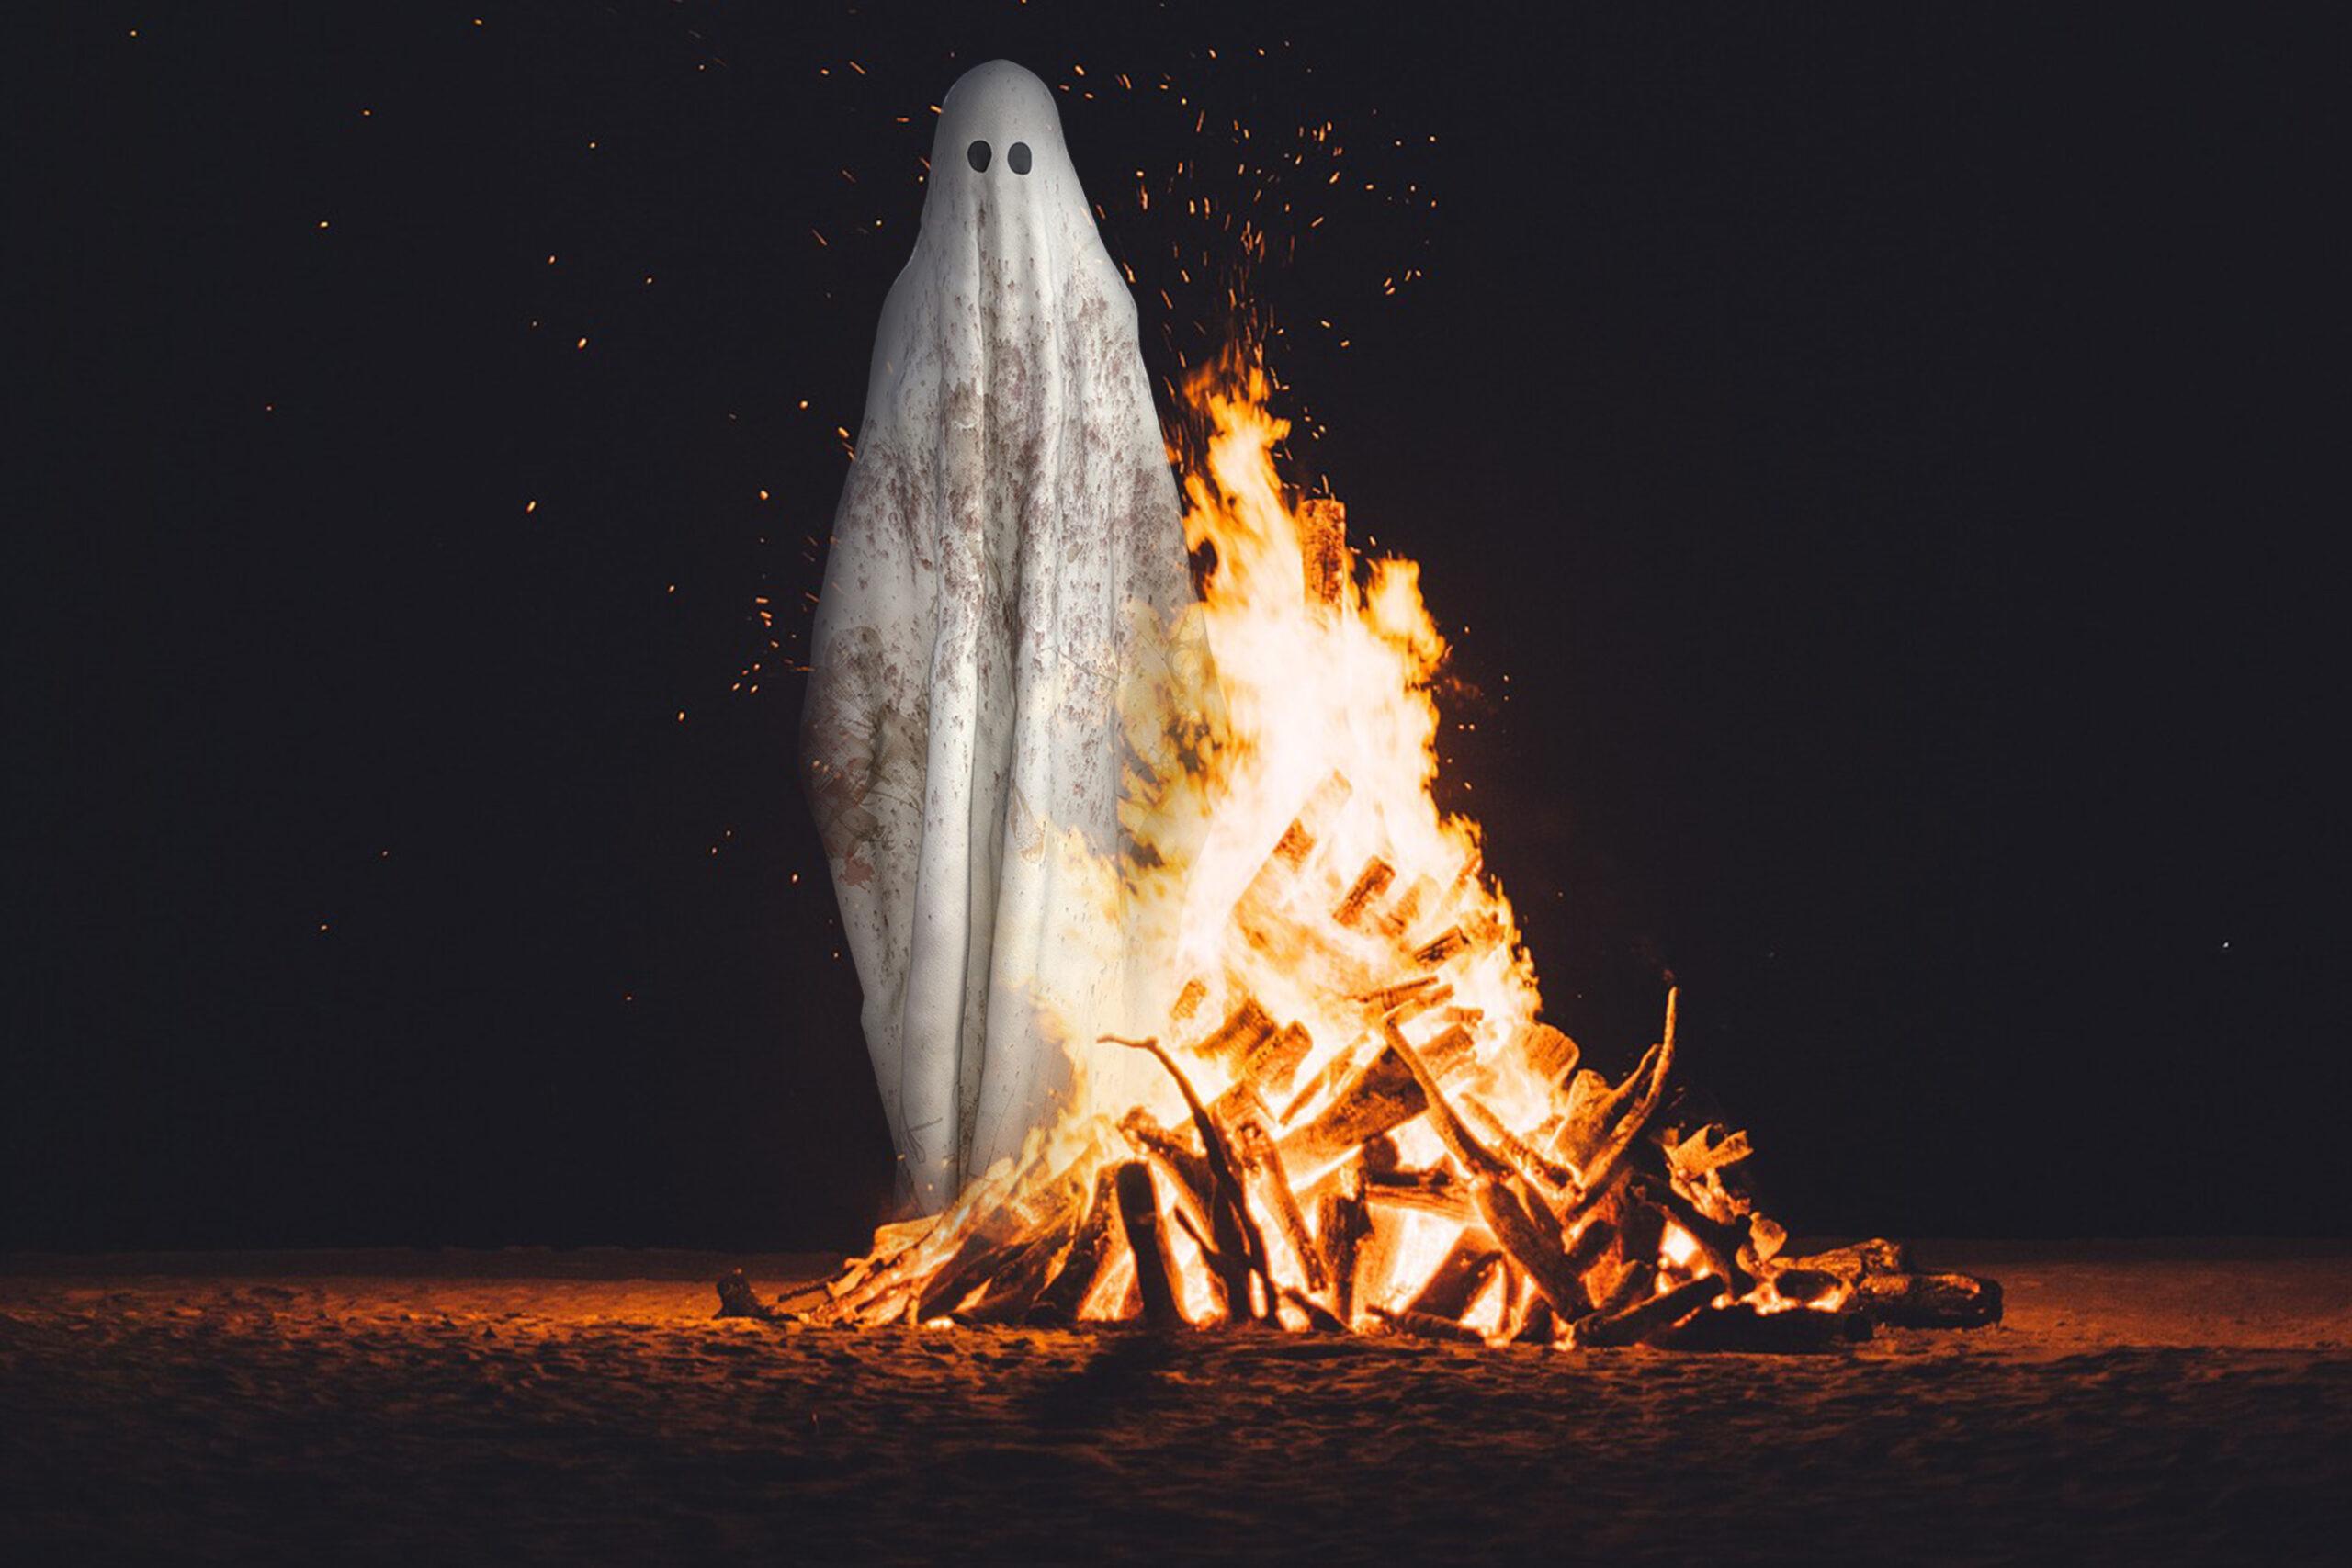 النار والجن ! هل النار شيء مادي أم هي شيء آخر غير المادة ؟